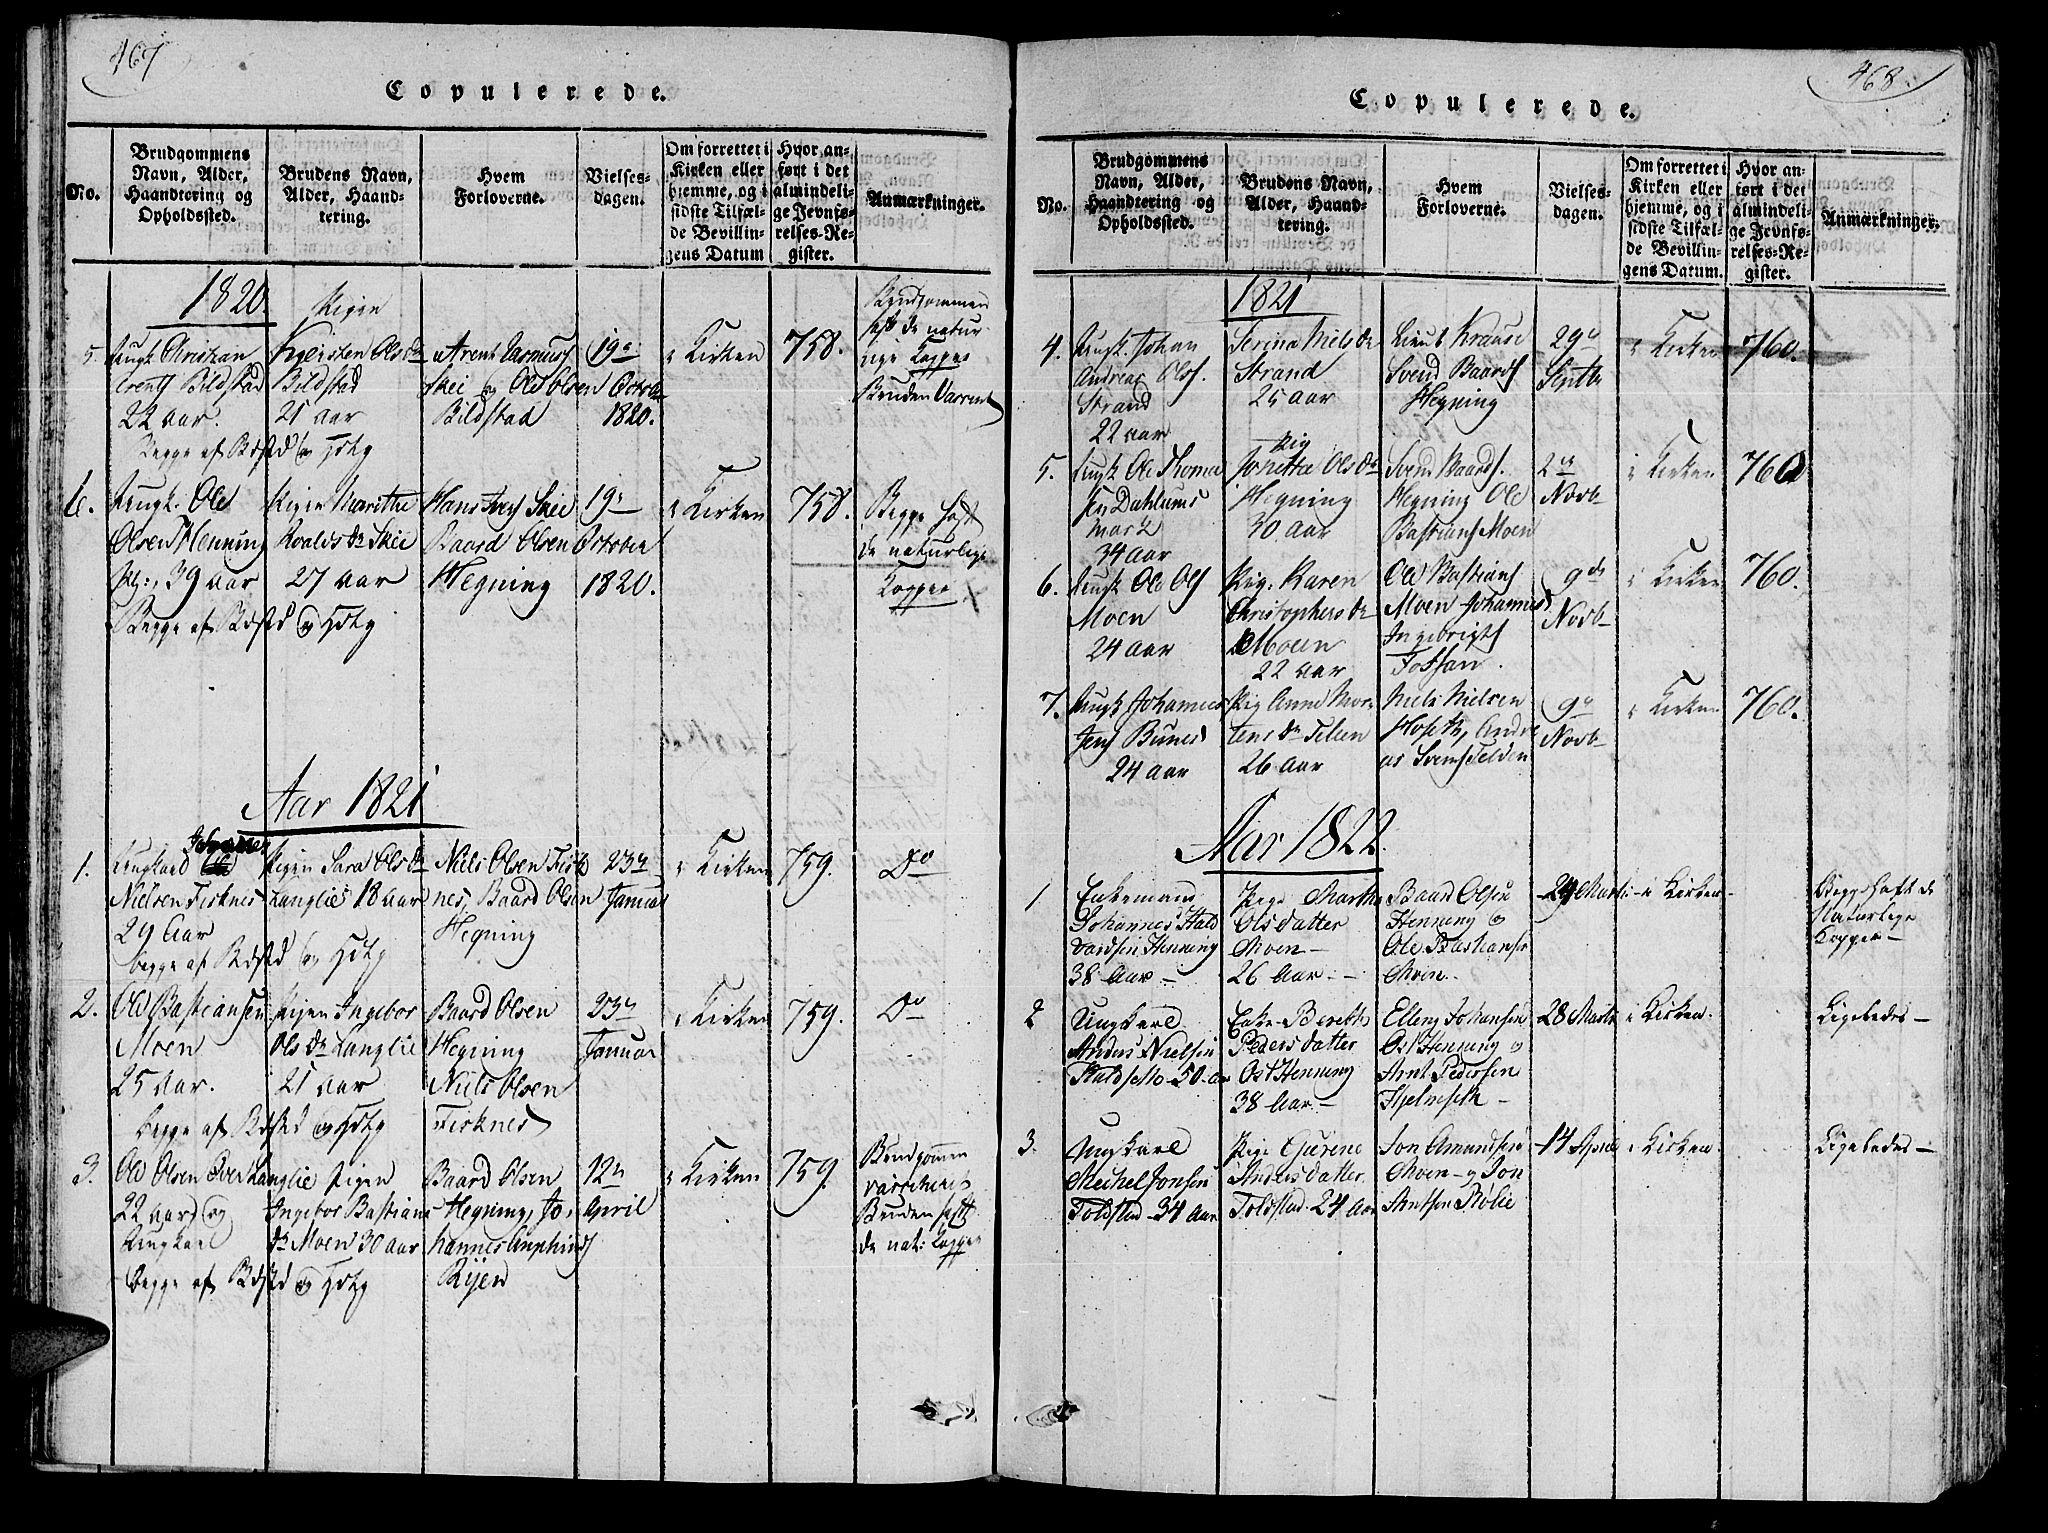 SAT, Ministerialprotokoller, klokkerbøker og fødselsregistre - Nord-Trøndelag, 735/L0333: Ministerialbok nr. 735A04 /3, 1816-1825, s. 467-468